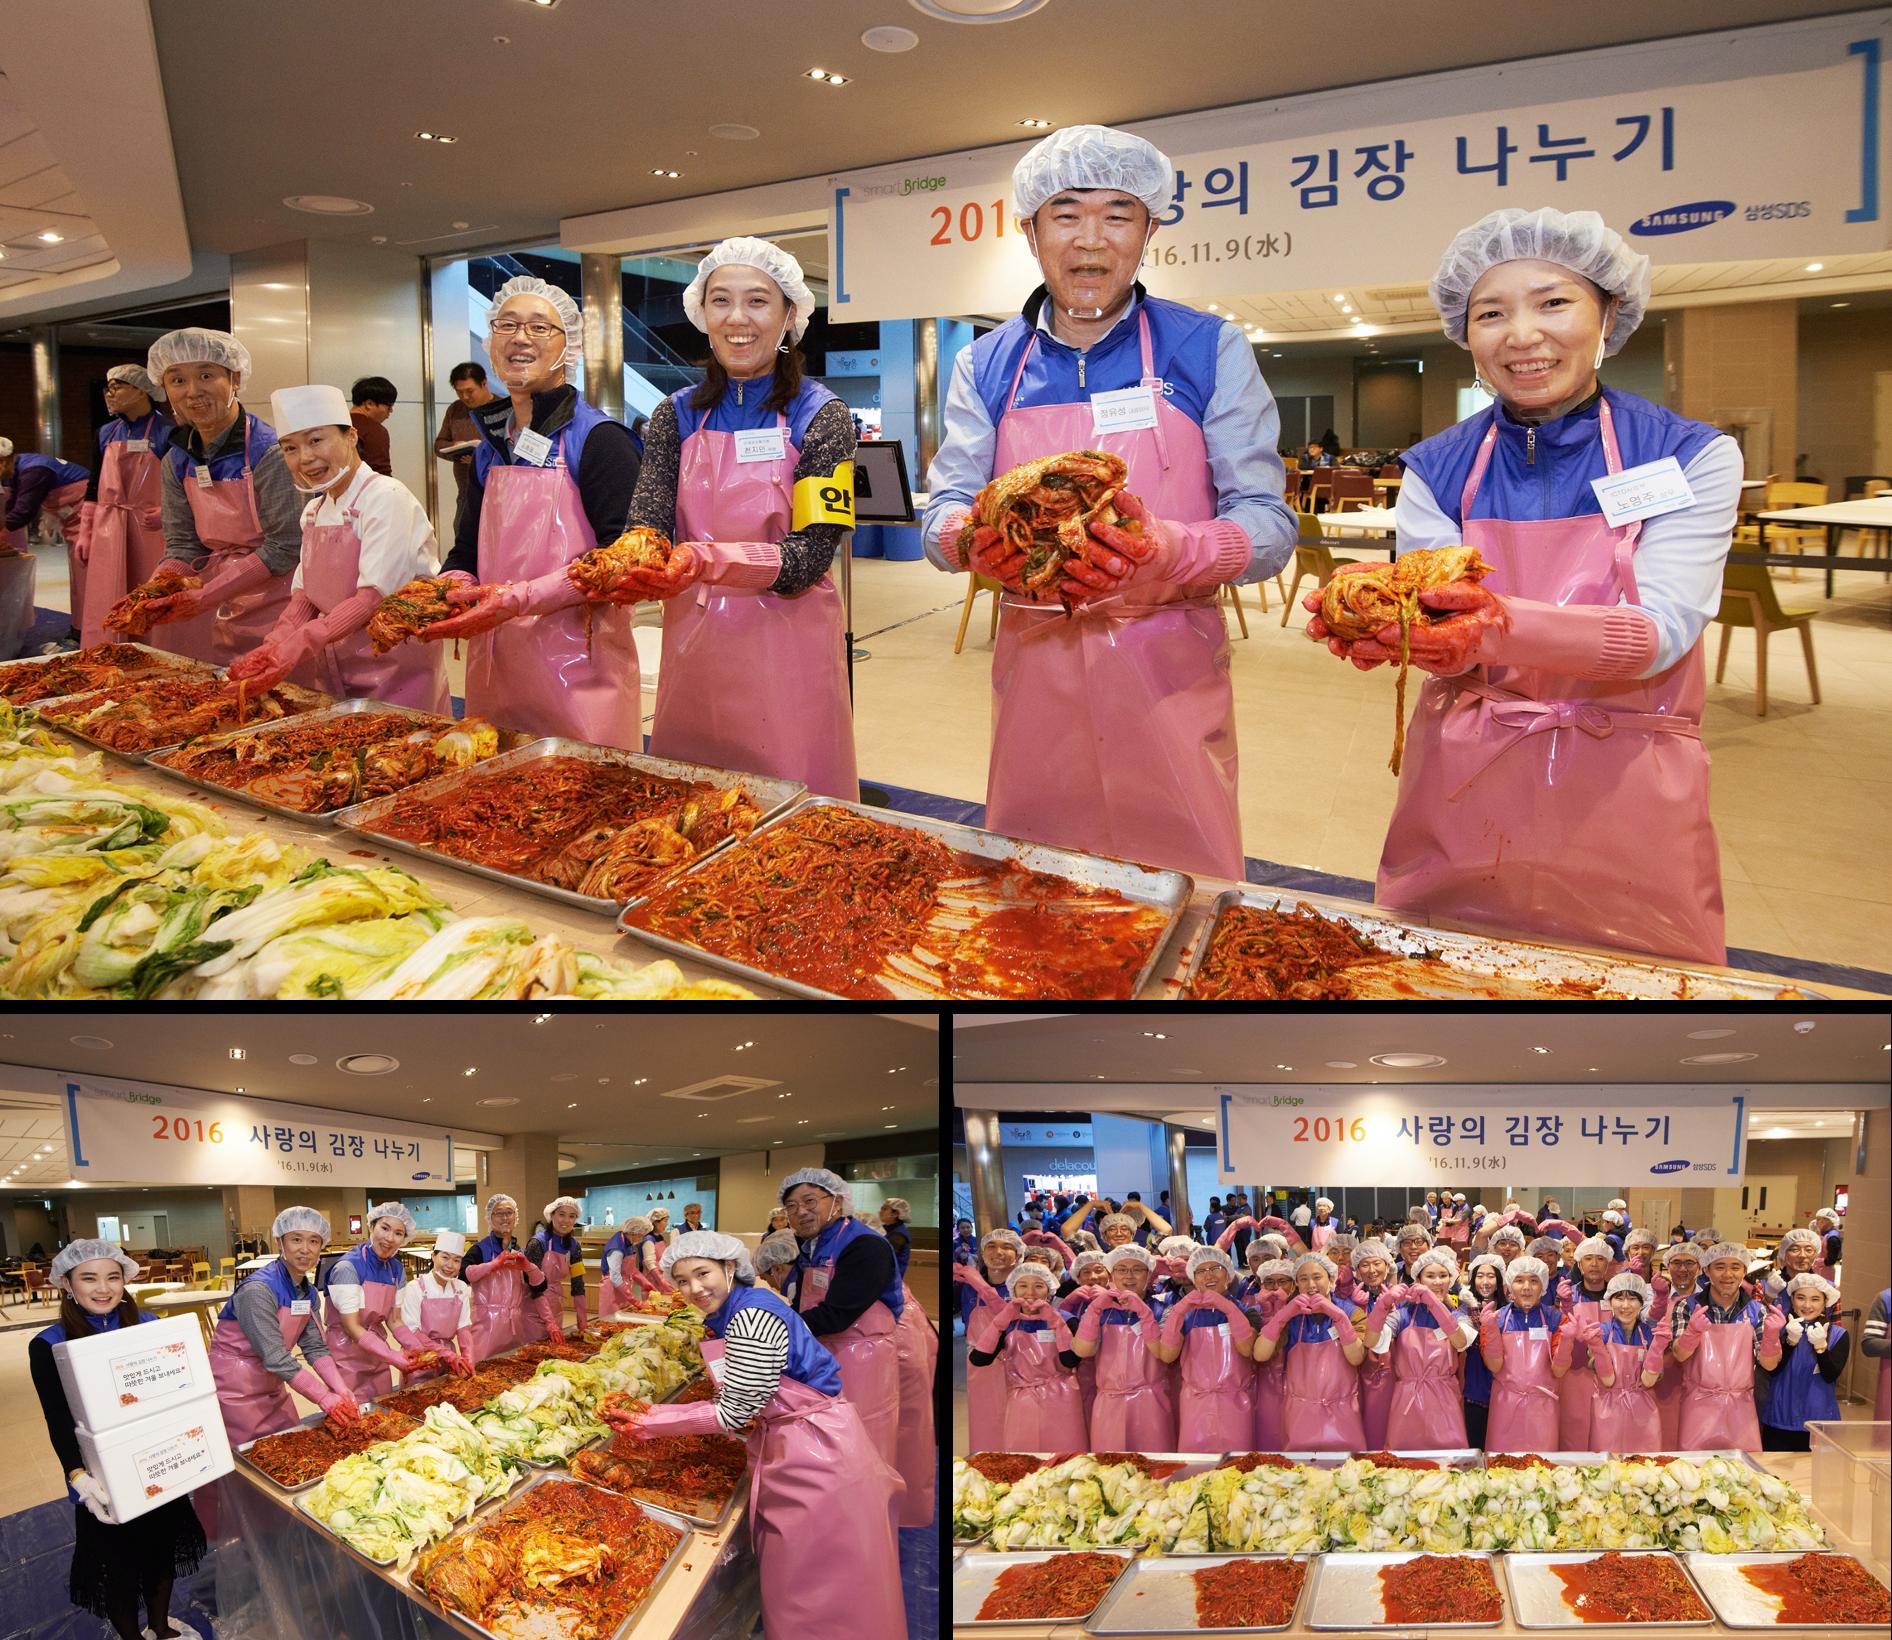 2016 삼성SDS 사랑의 김장 나누기(4)